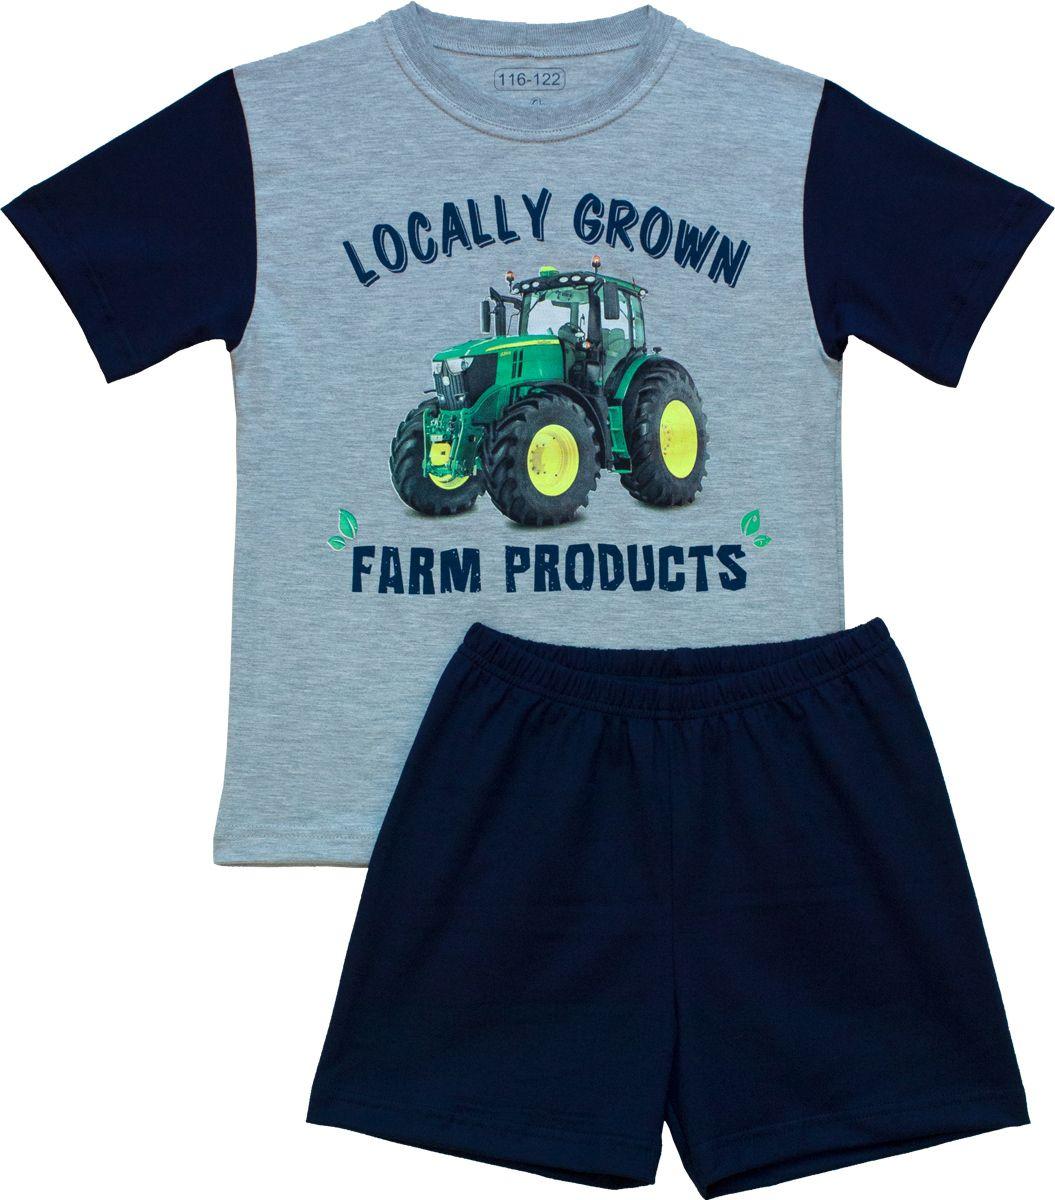 Fiú rövid ujjú pizsama (traktoros) /NPMGP21013/